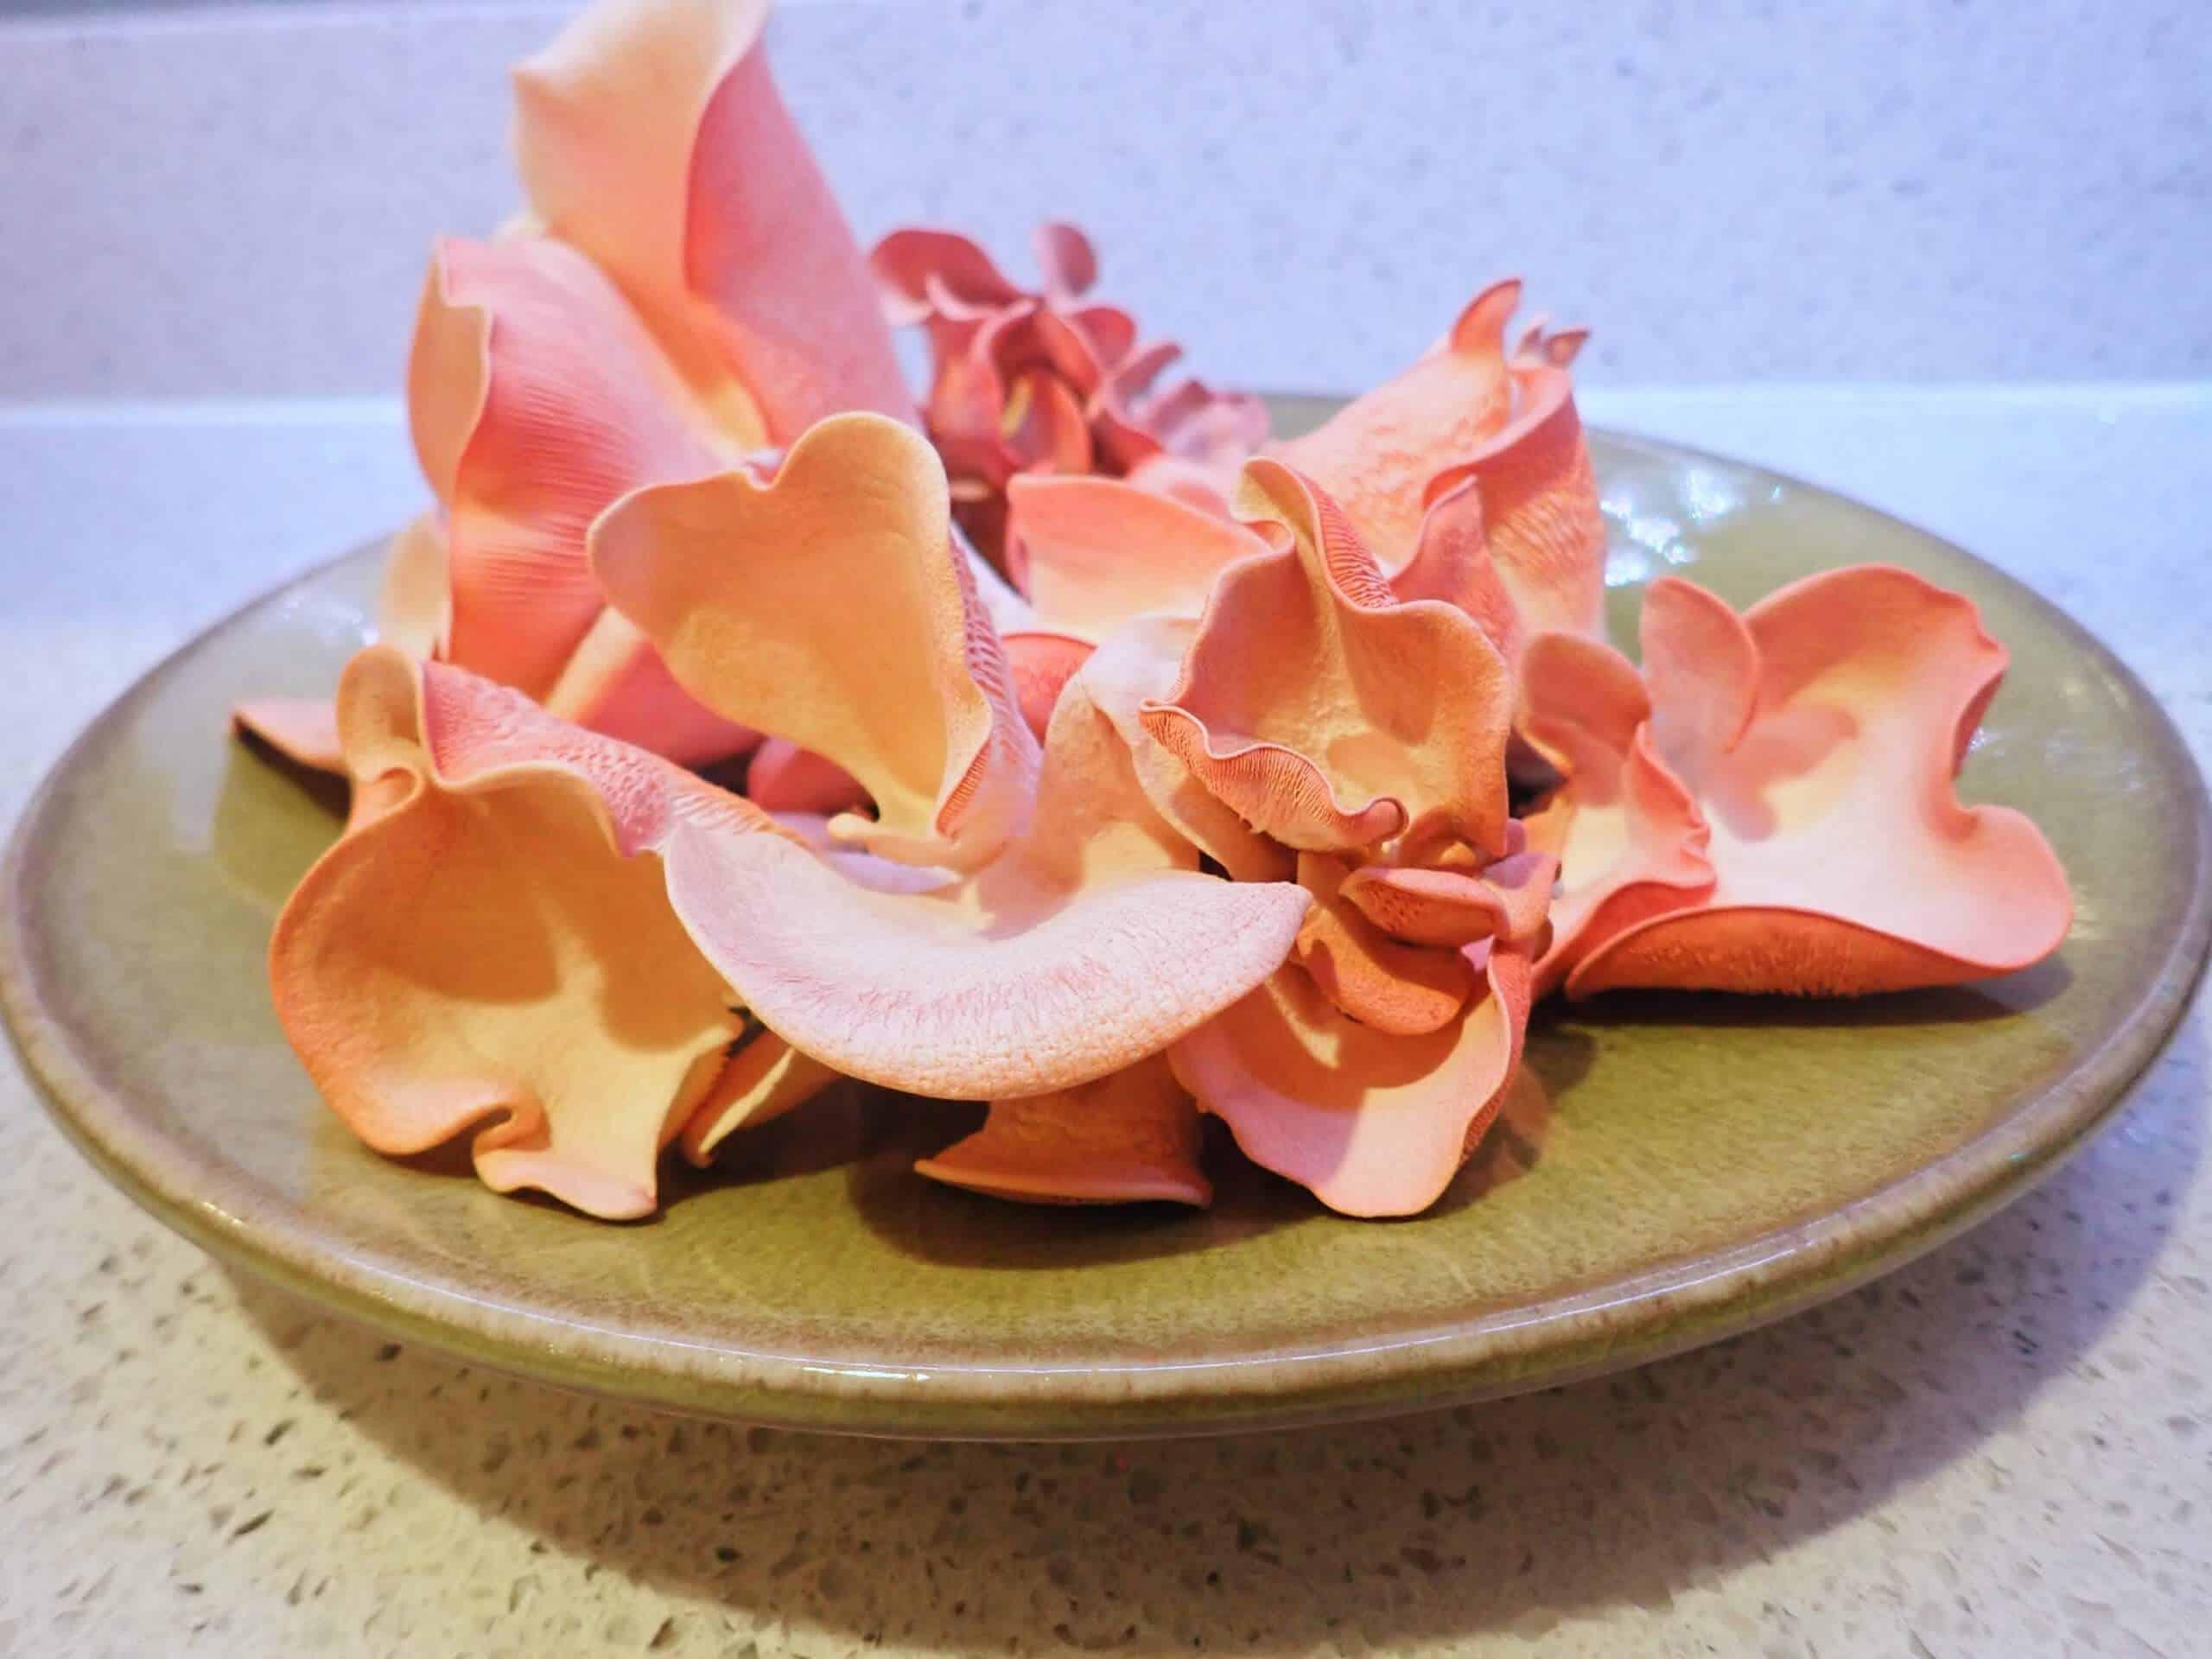 A Harvest of Edible Pink Oyster Mushrooms (Pleurotus Djamor)